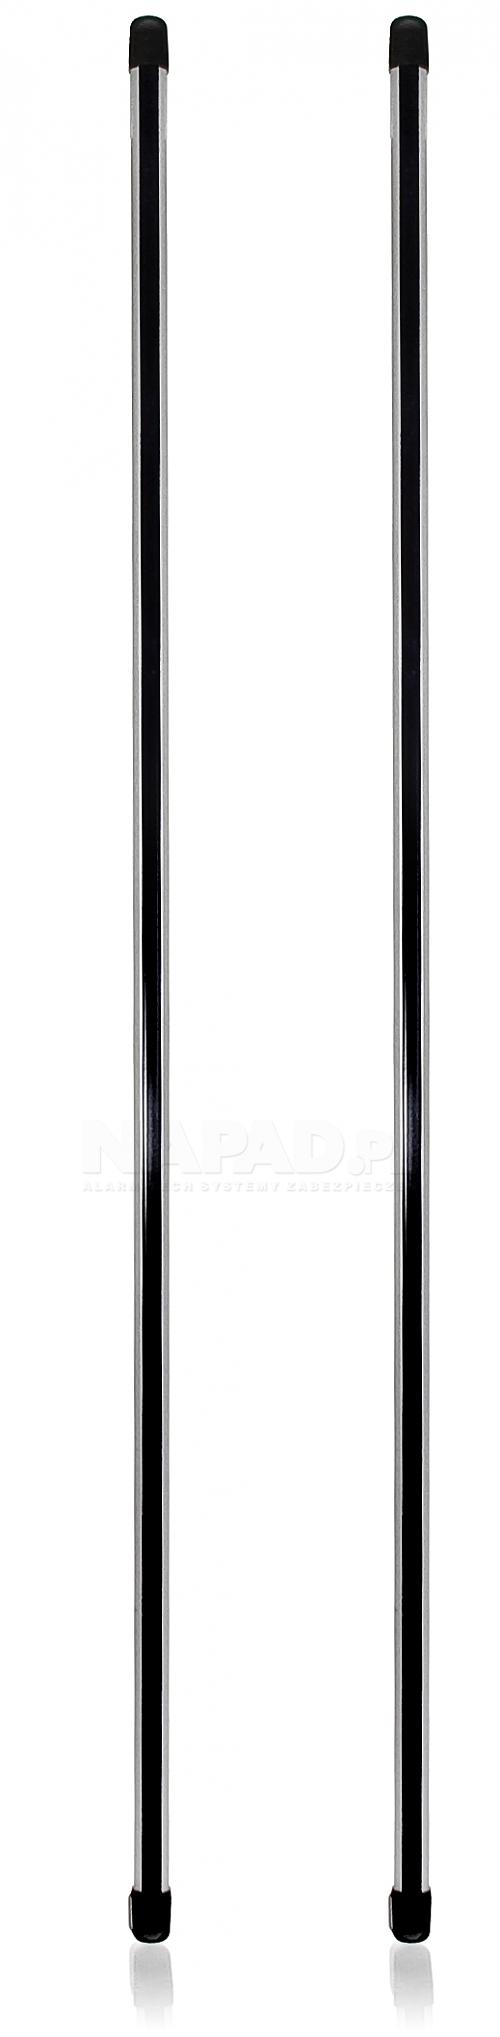 Bariera podczerwieni ABX-F0840